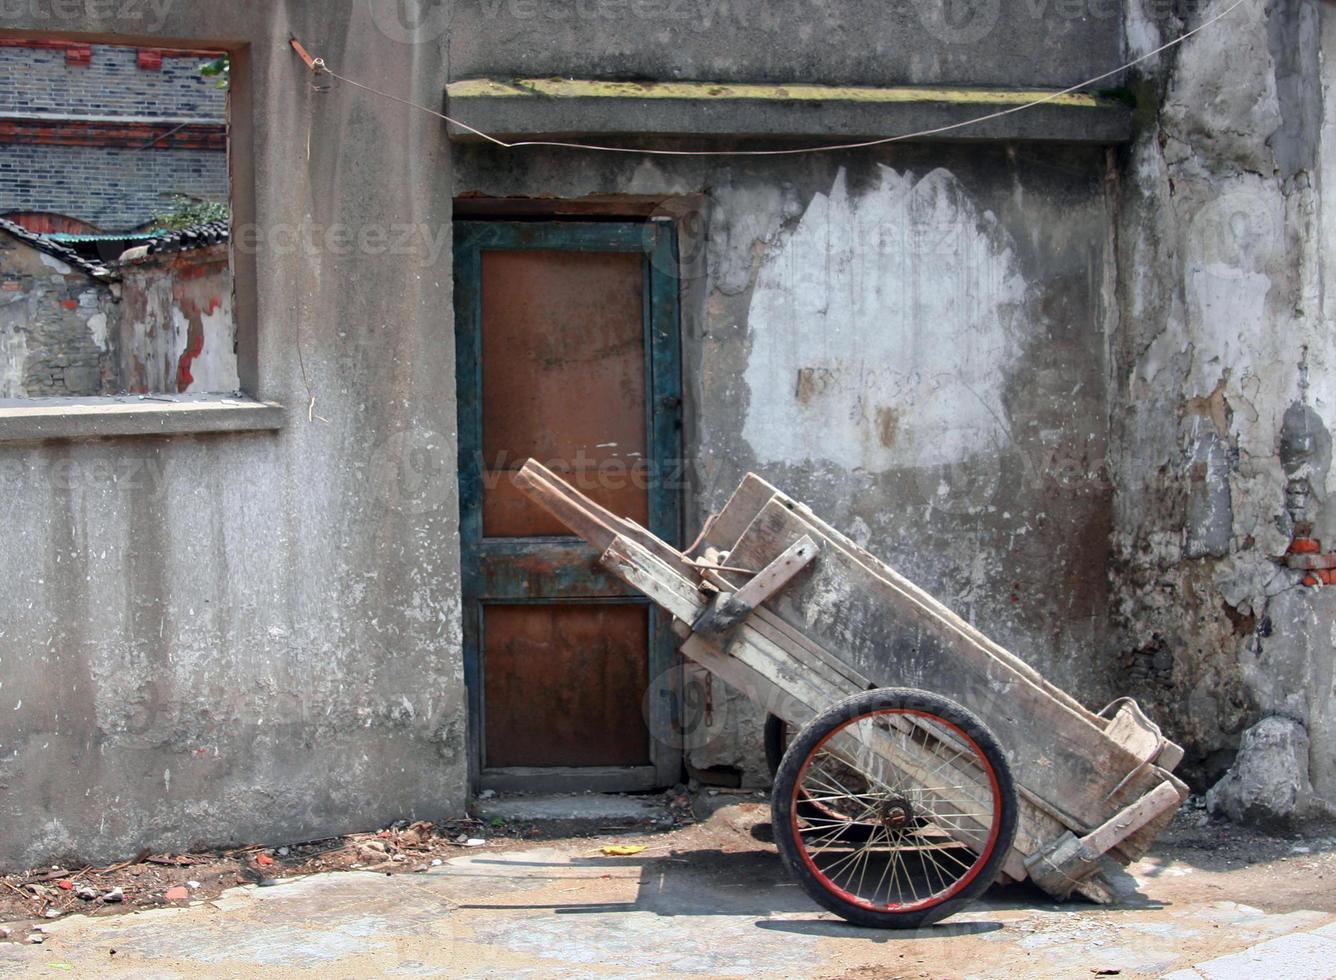 porta de cena de rua de china e carrinho de mão foto